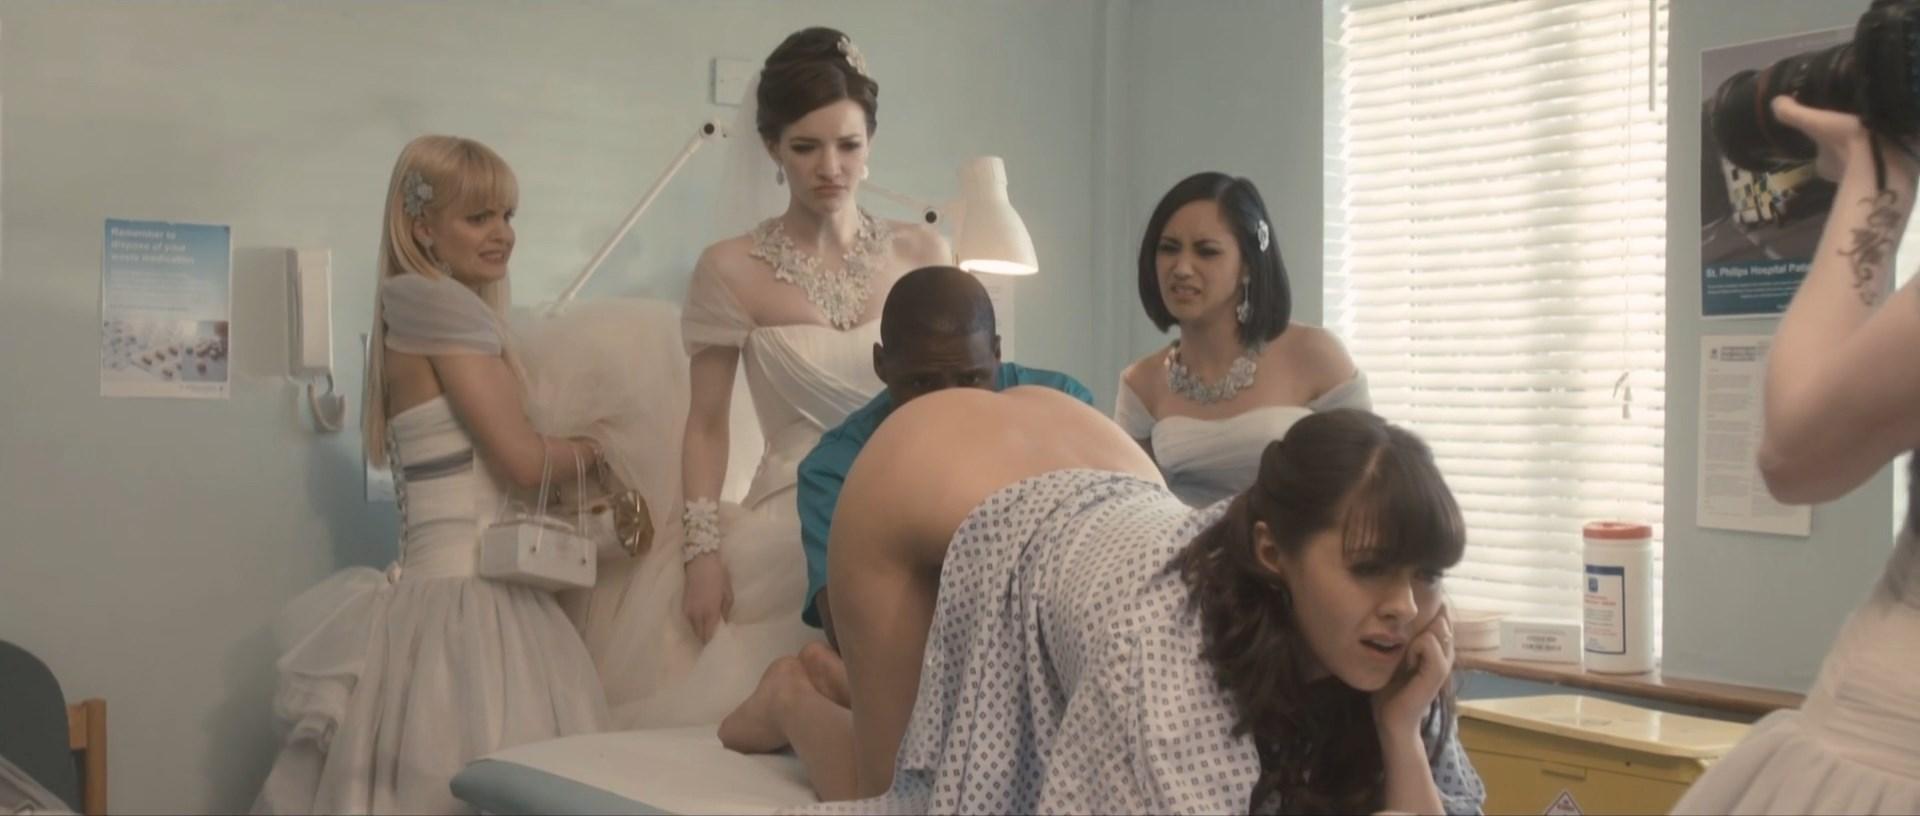 Shyla stylez new porn abuse